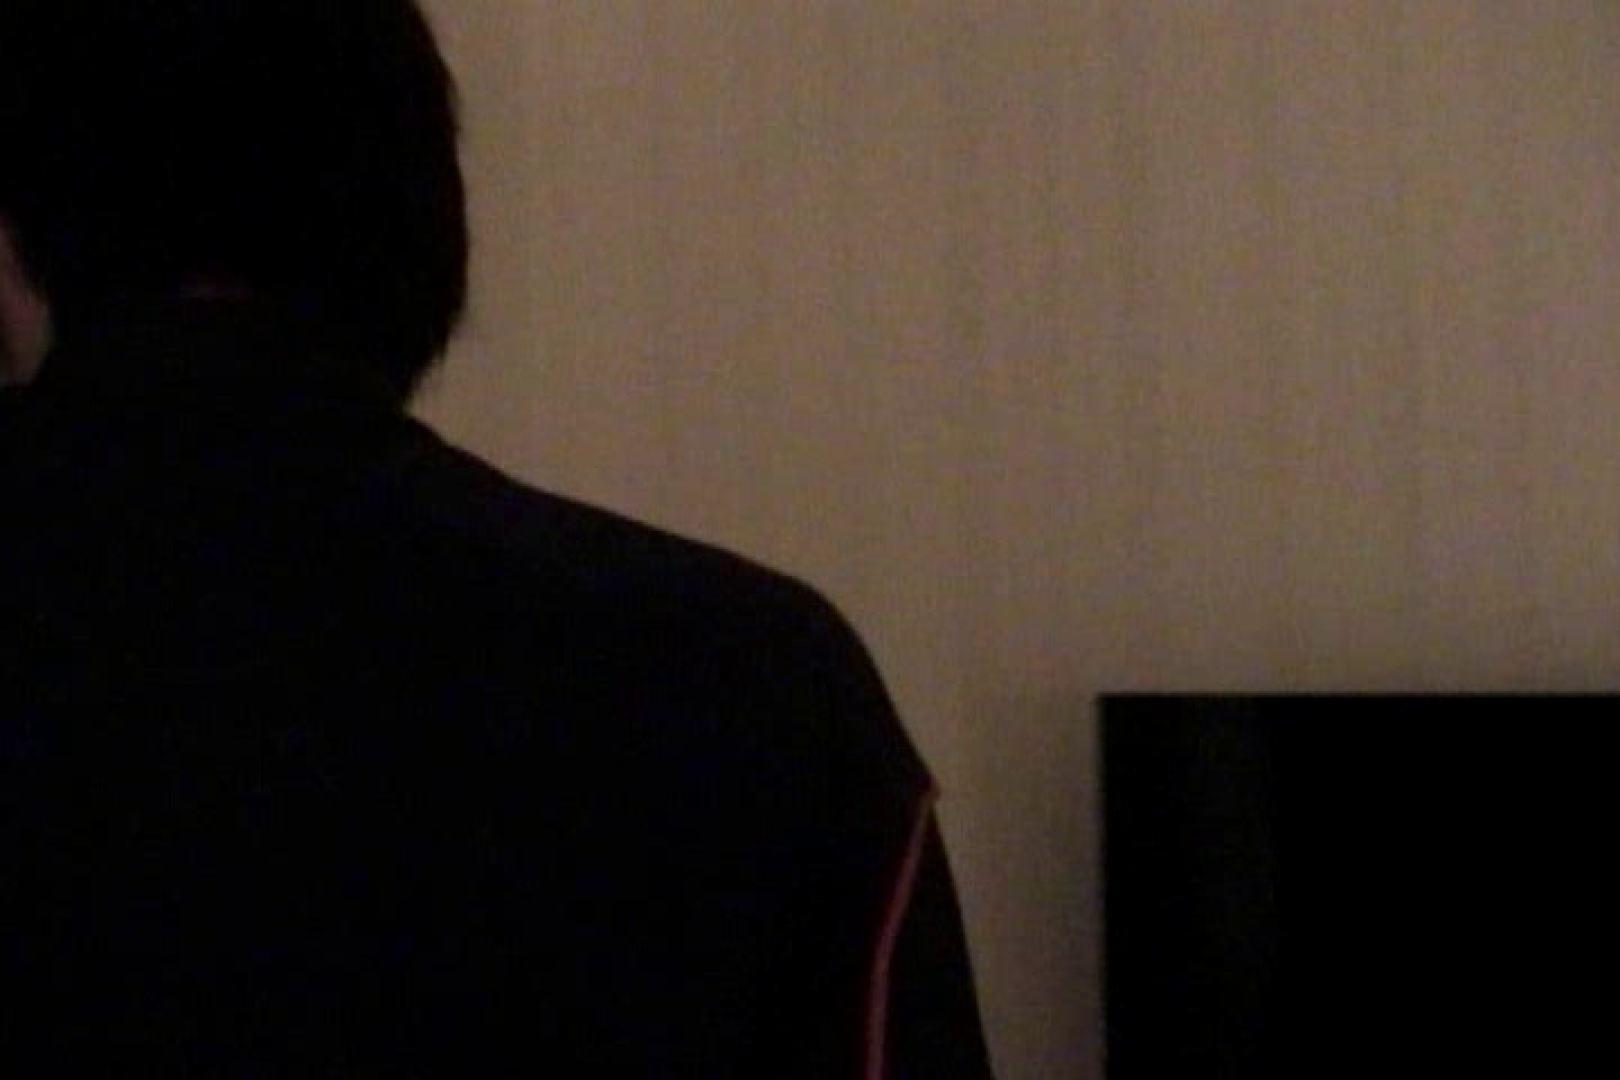 三ツ星シリーズ 魅惑のMemorial Night!! vol.01 ノンケ君達の・・ ゲイSEX画像 86枚 2